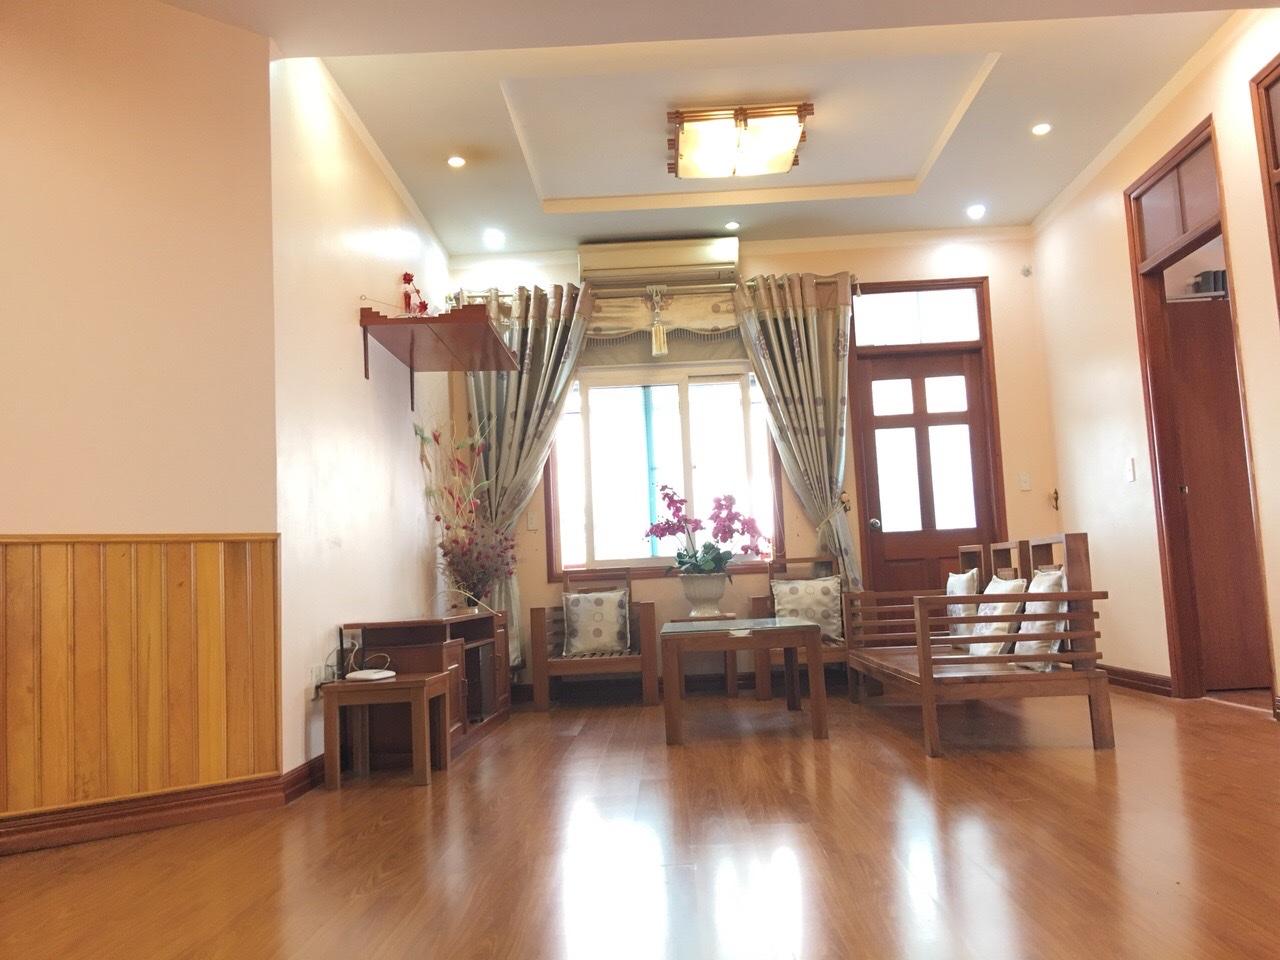 Chính chủ cho thuê căn hộ chung cư CT6-XD, Văn Quán, Hà Đông DT 80m2 Giá 8 tr/th LH 0983107599